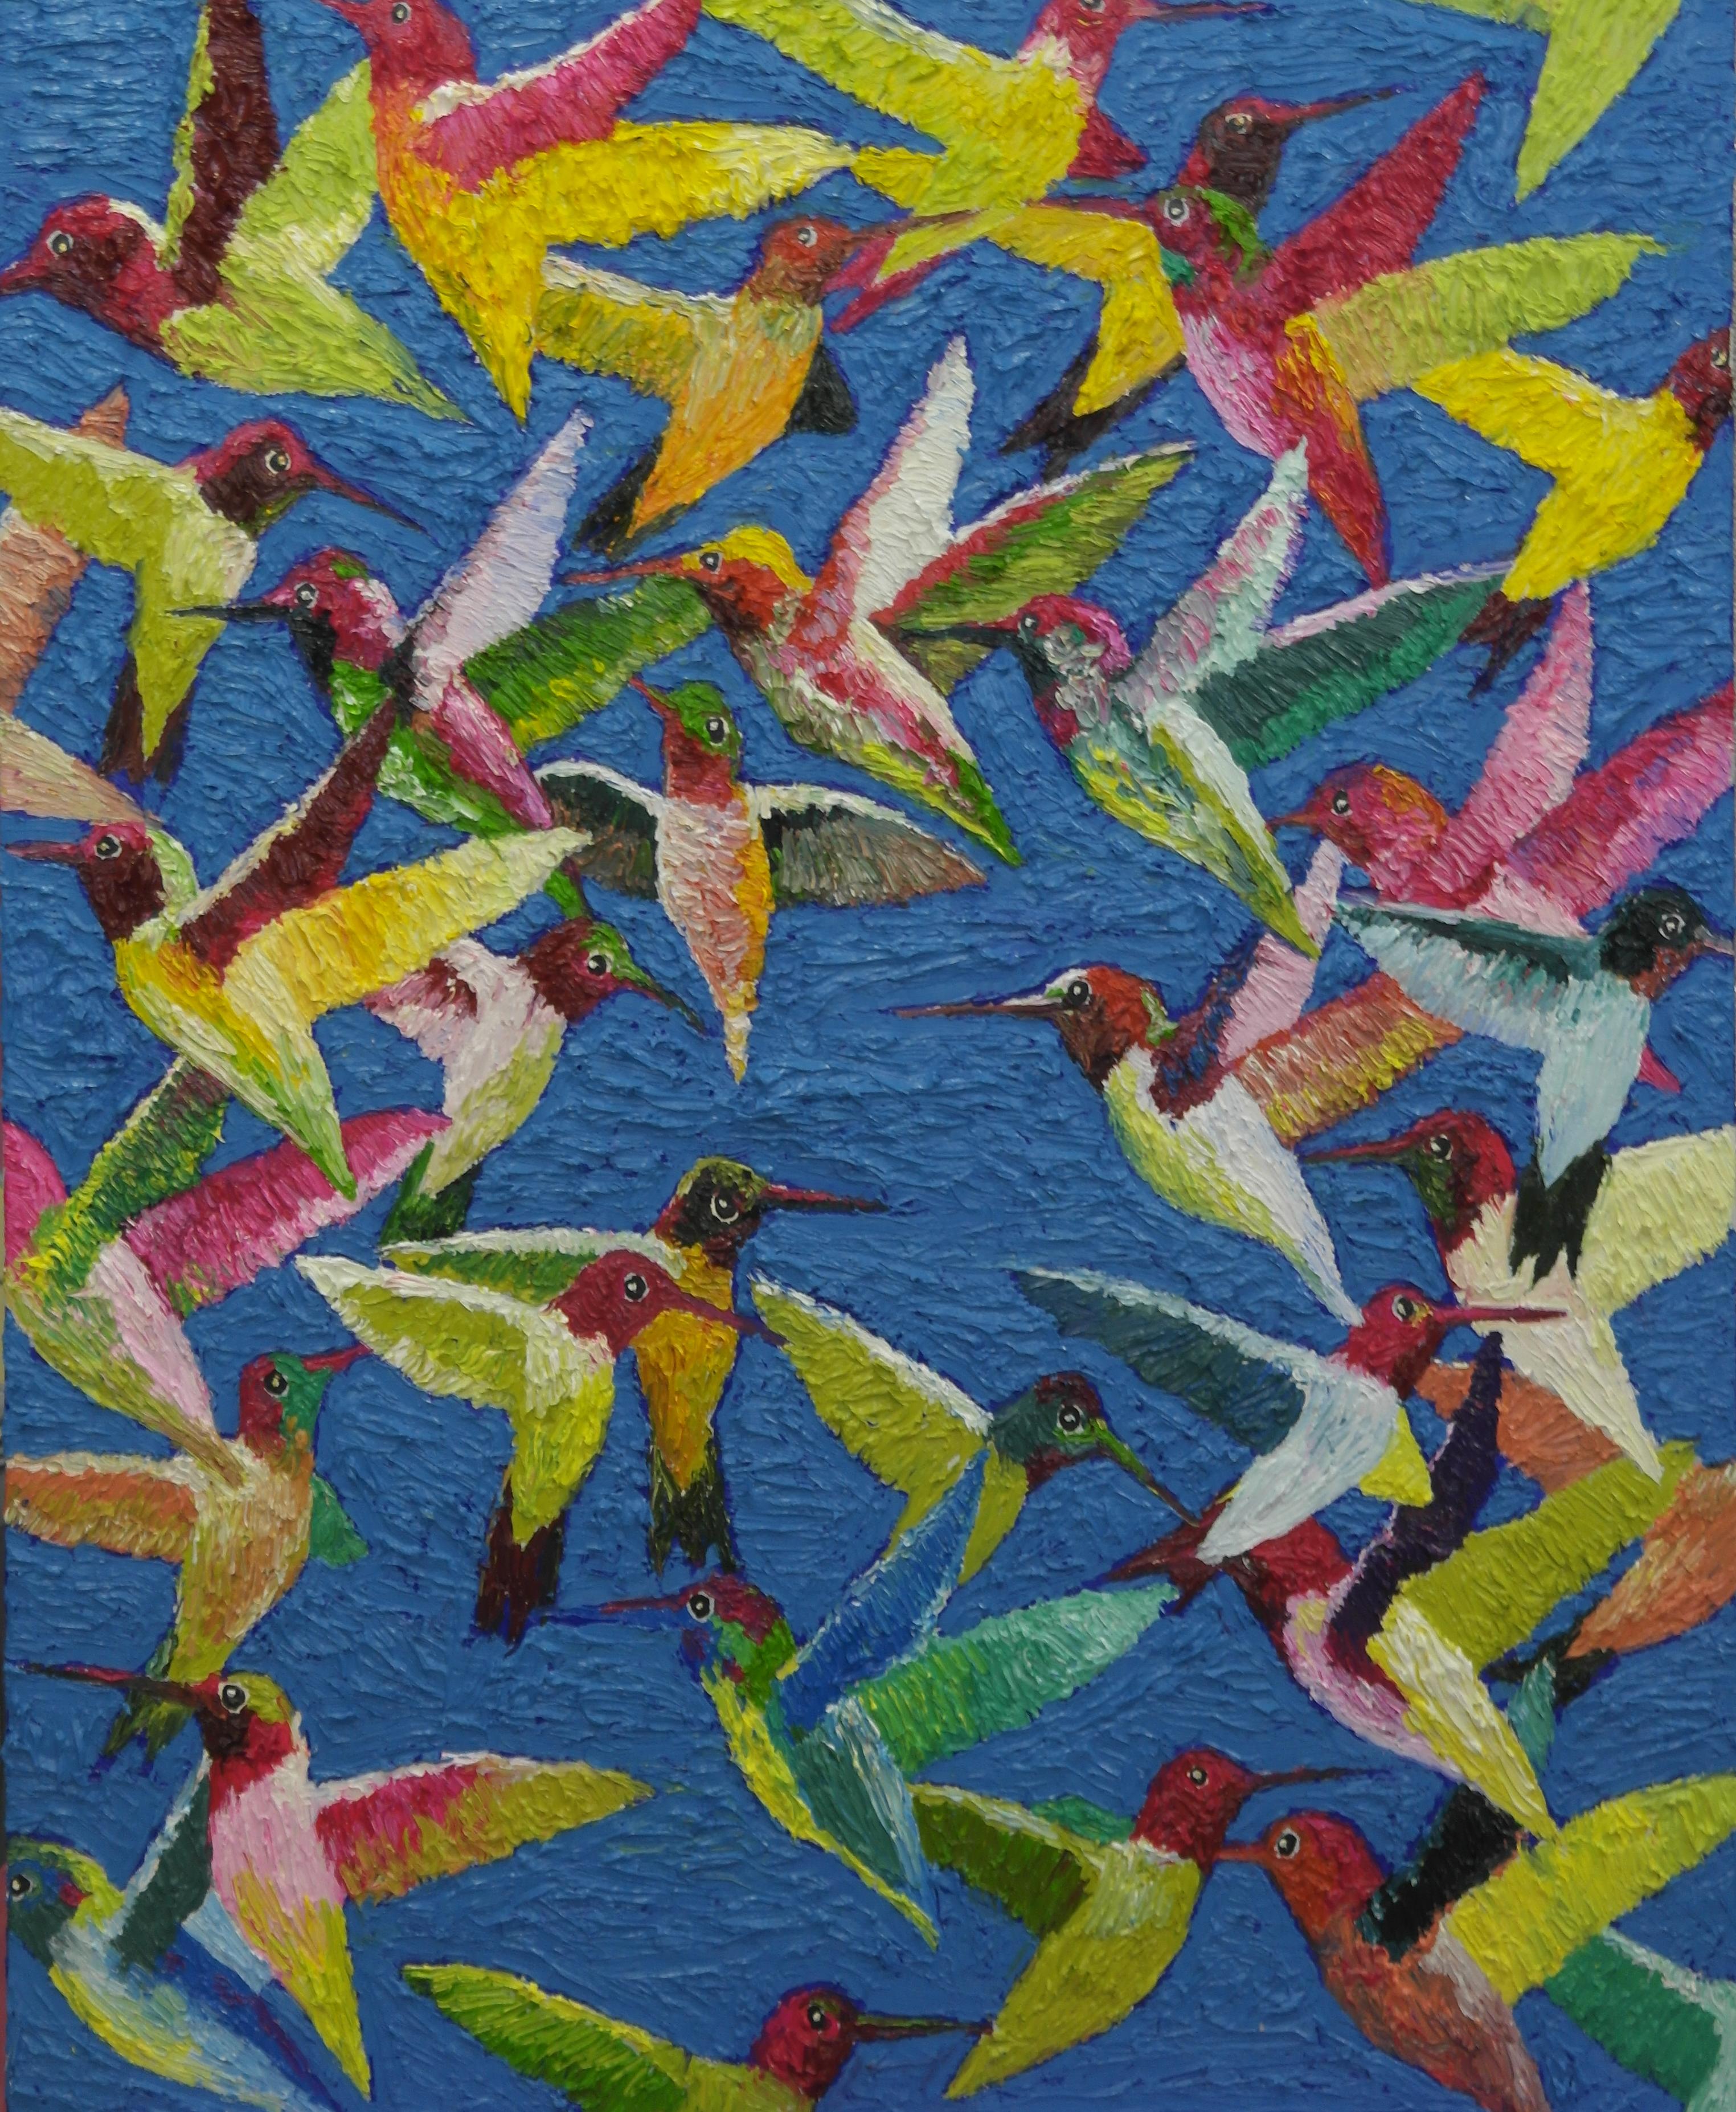 김인3, humminglife3, 50 x 65 cm, oil on ca